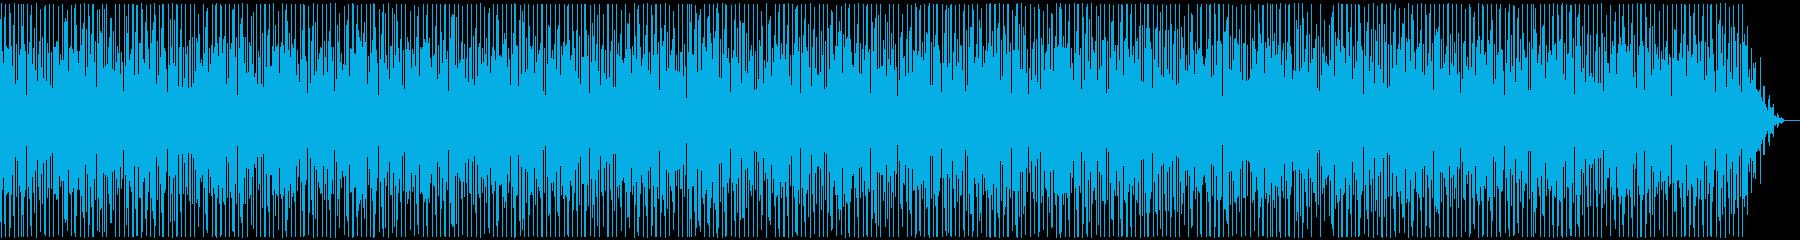 明るく朝を思わすボサノバジャズの曲の再生済みの波形